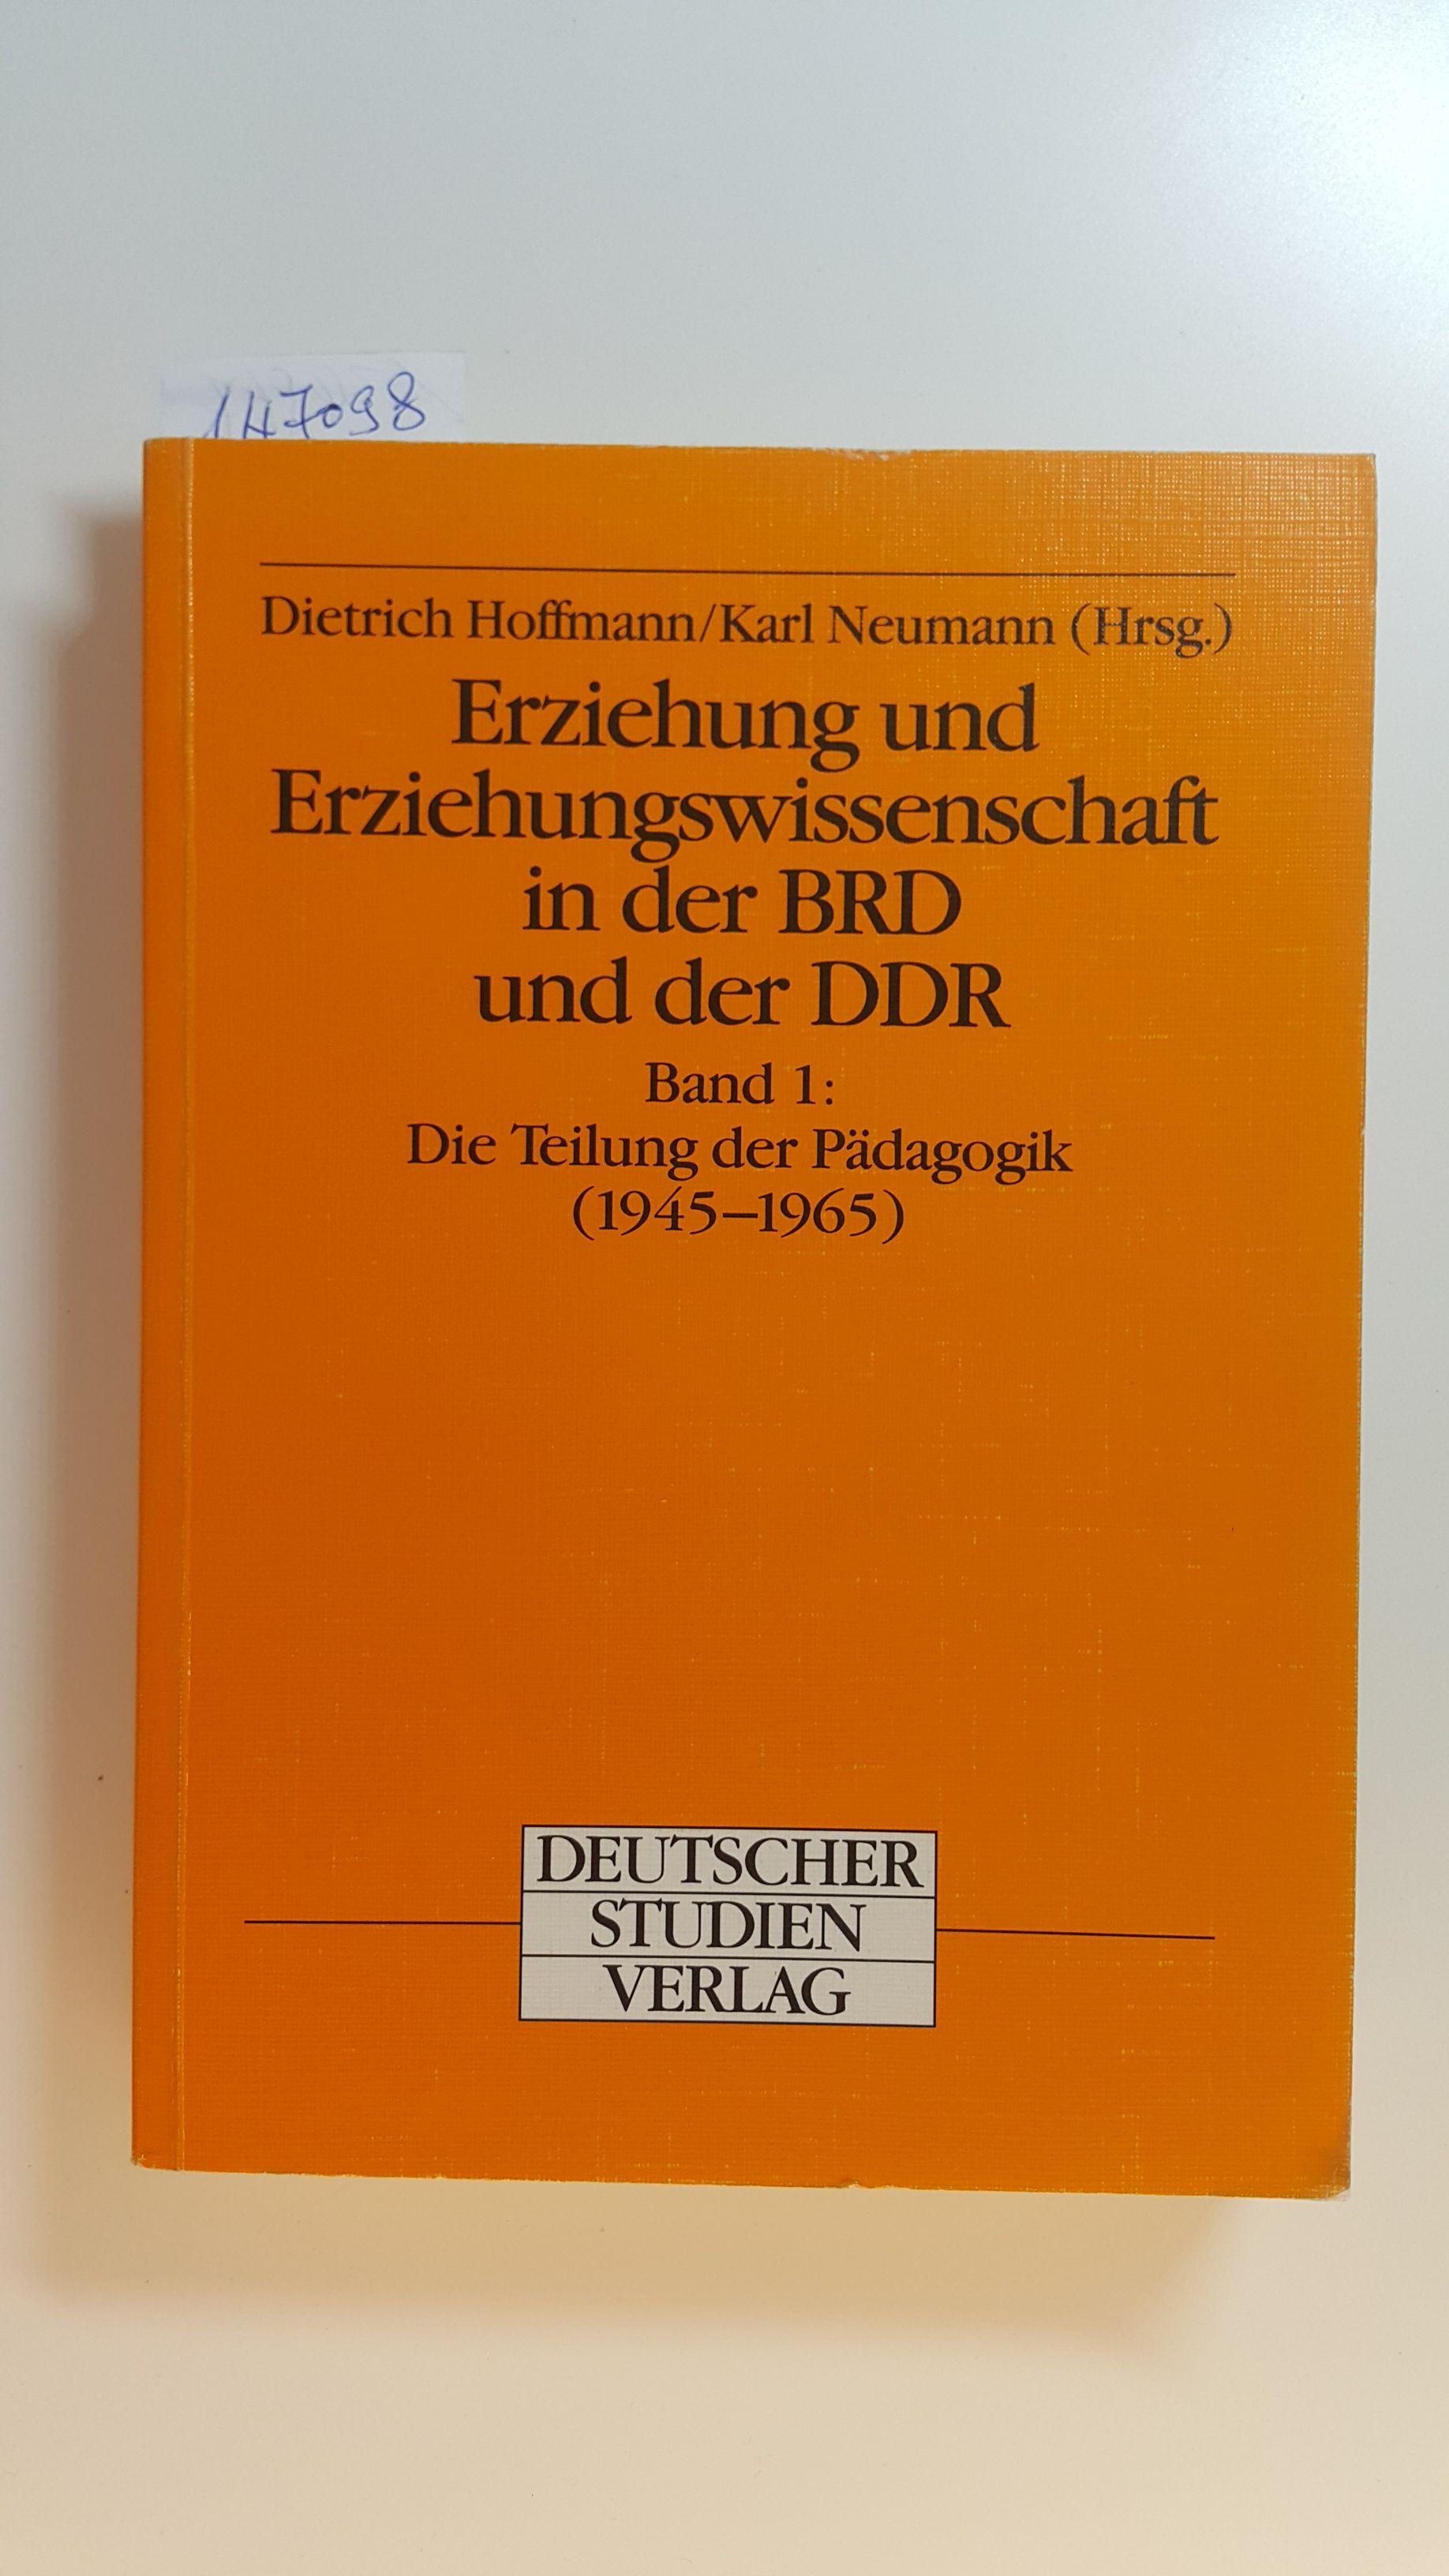 Erziehung und Erziehungswissenschaft in der BRD und der DDR, Bd.1, Die Teilung der Pädagogik (1945-1965), mit Beitr. von Oskar Anweiler ... - Anweiler, Oskar [u.a.]  Hoffmann, Dietrich, u.a. [Hrsg.]